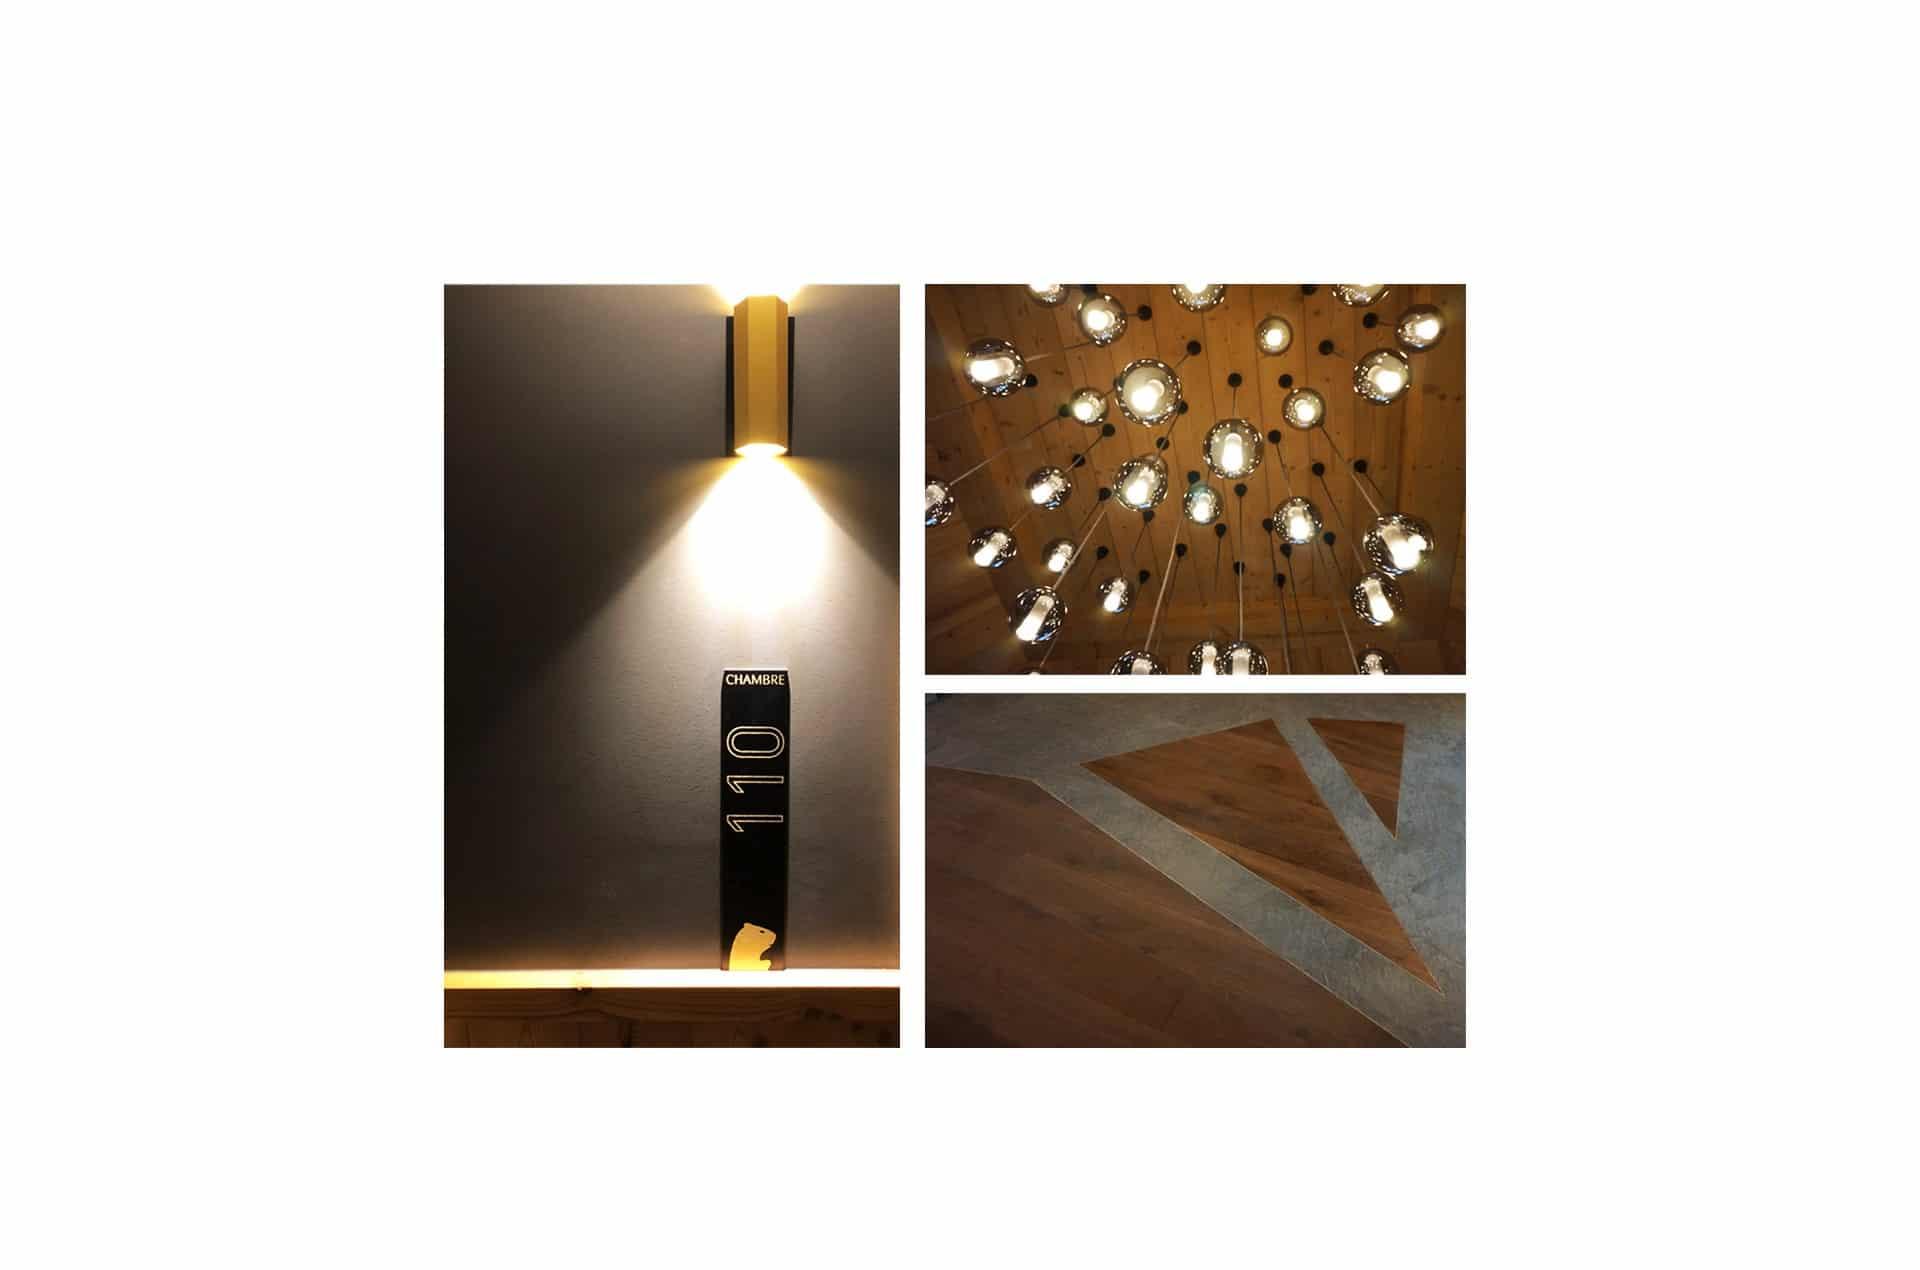 avancher-architec-détail-lumiere